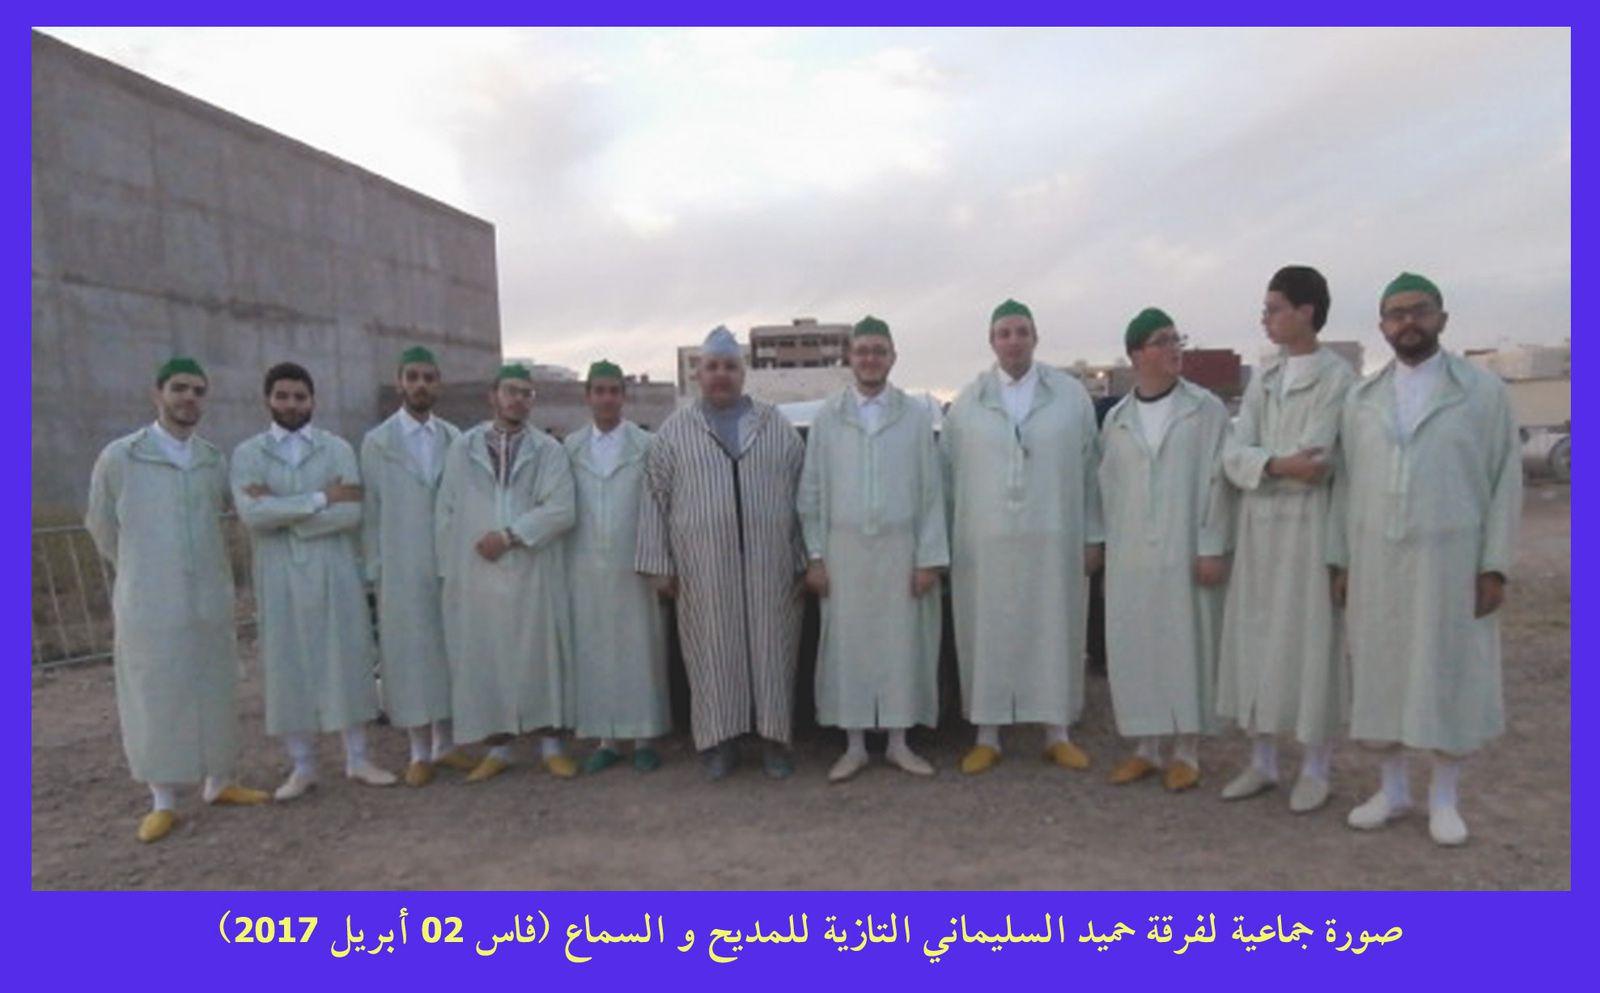 فرقة حميد السليماني للمديح التازية تشارك في سهرة  بفاس